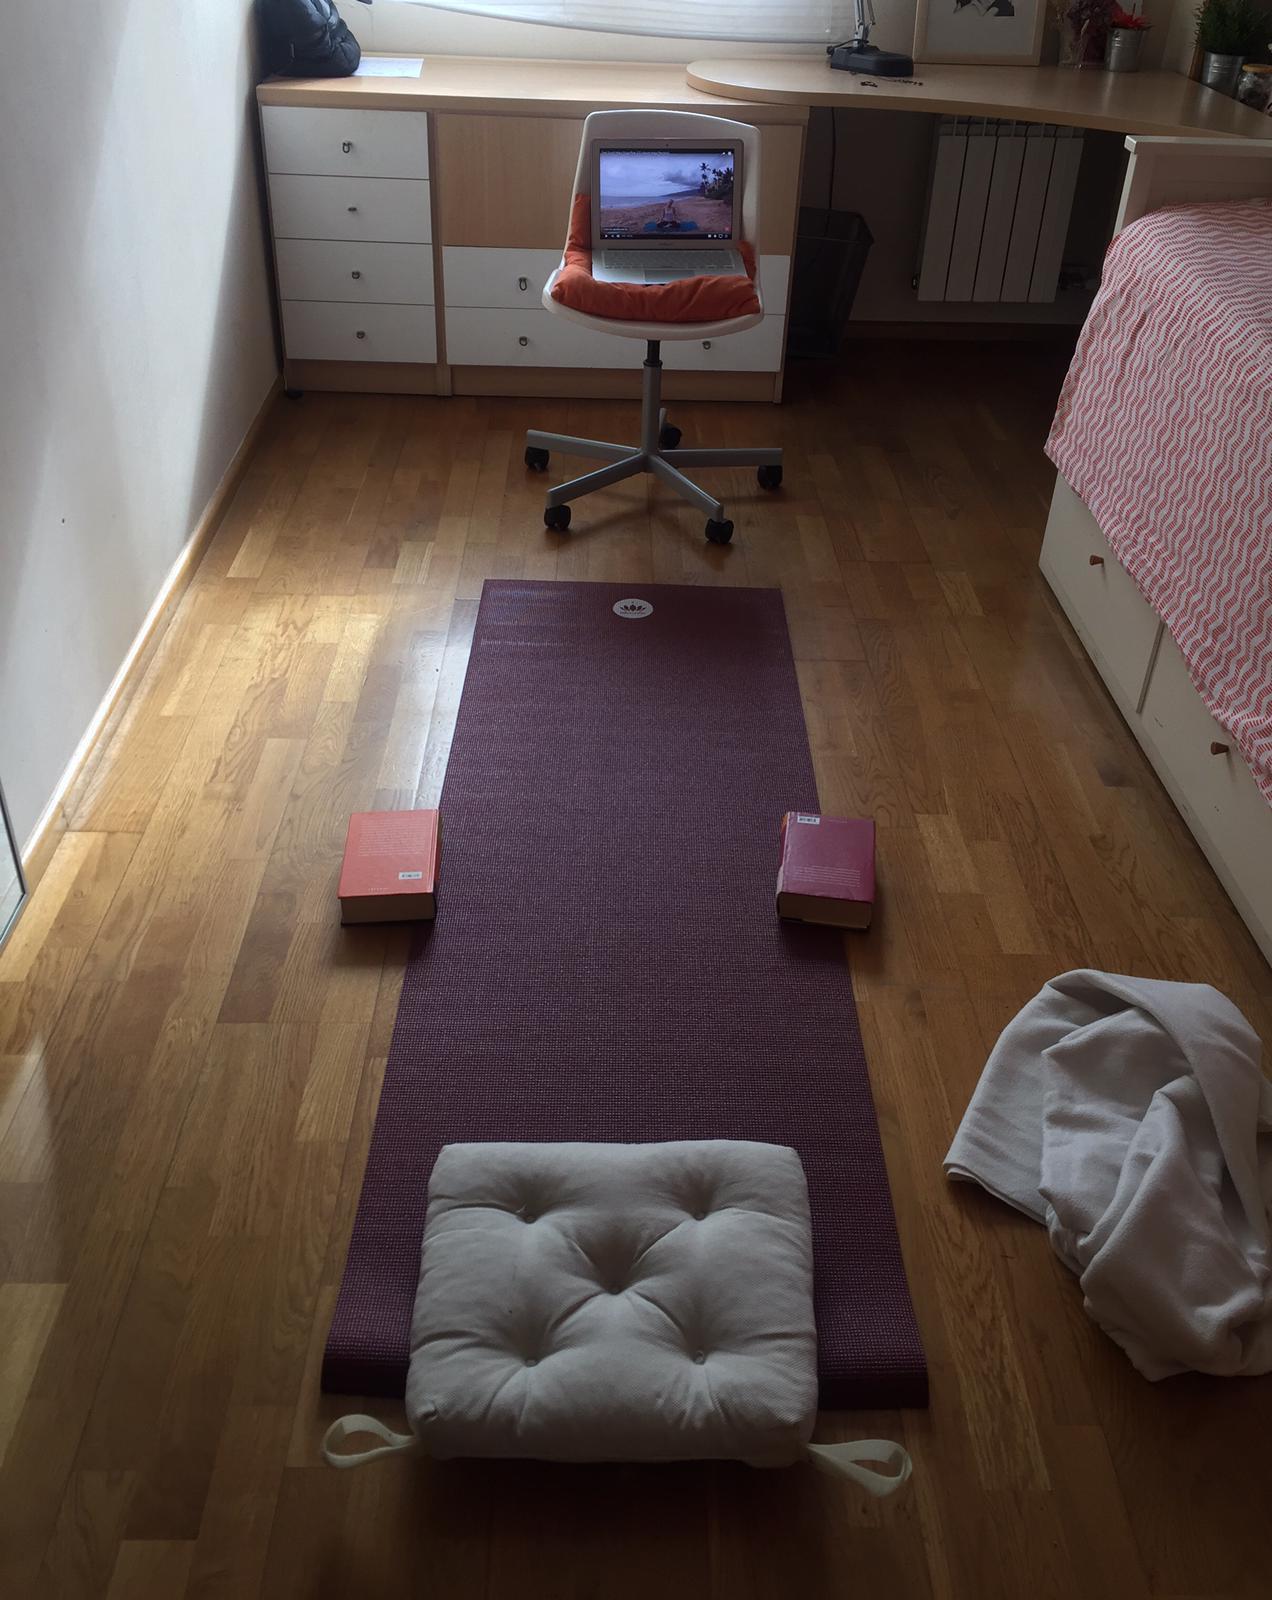 Cada, dia intento fer una rutina d'exercicis, principalment ioga, per intentar estar relaxada i enfortir tant els músculs com el sistema inmunitari.